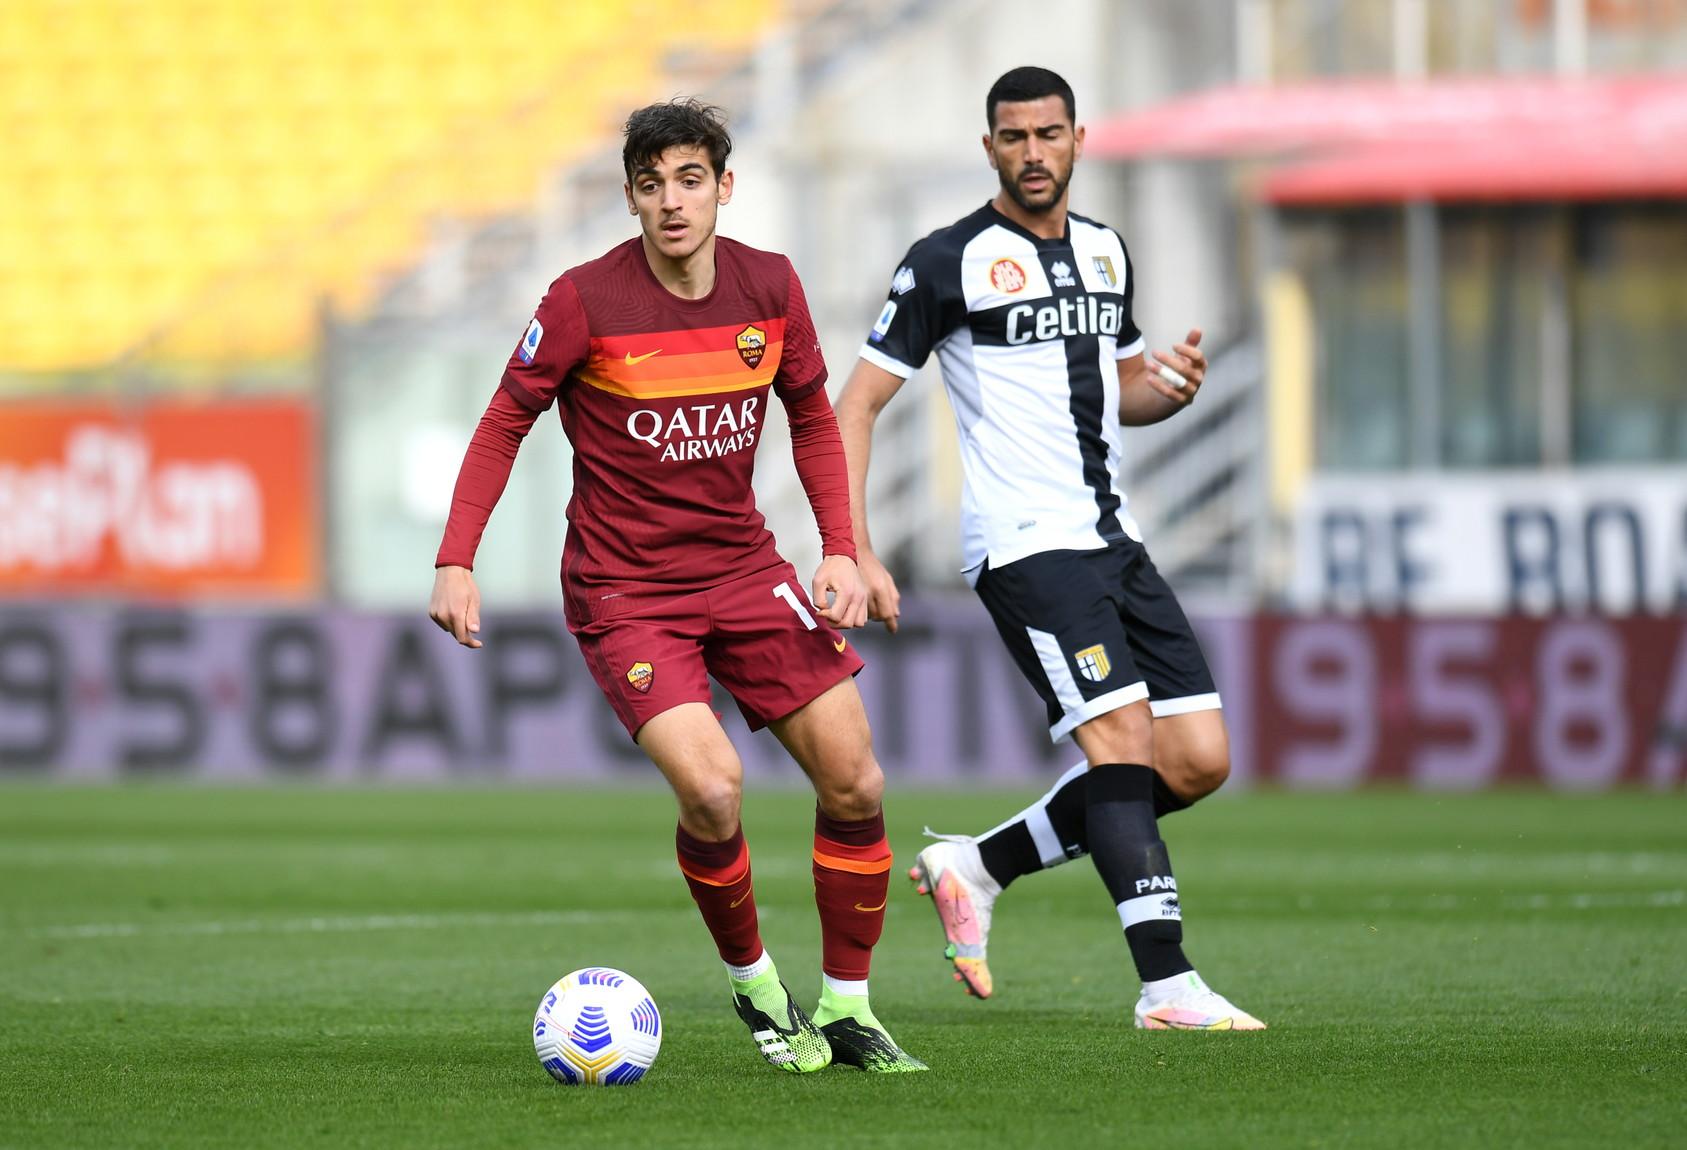 Parma-Roma 2-0, le migliori foto del match<br /><br />